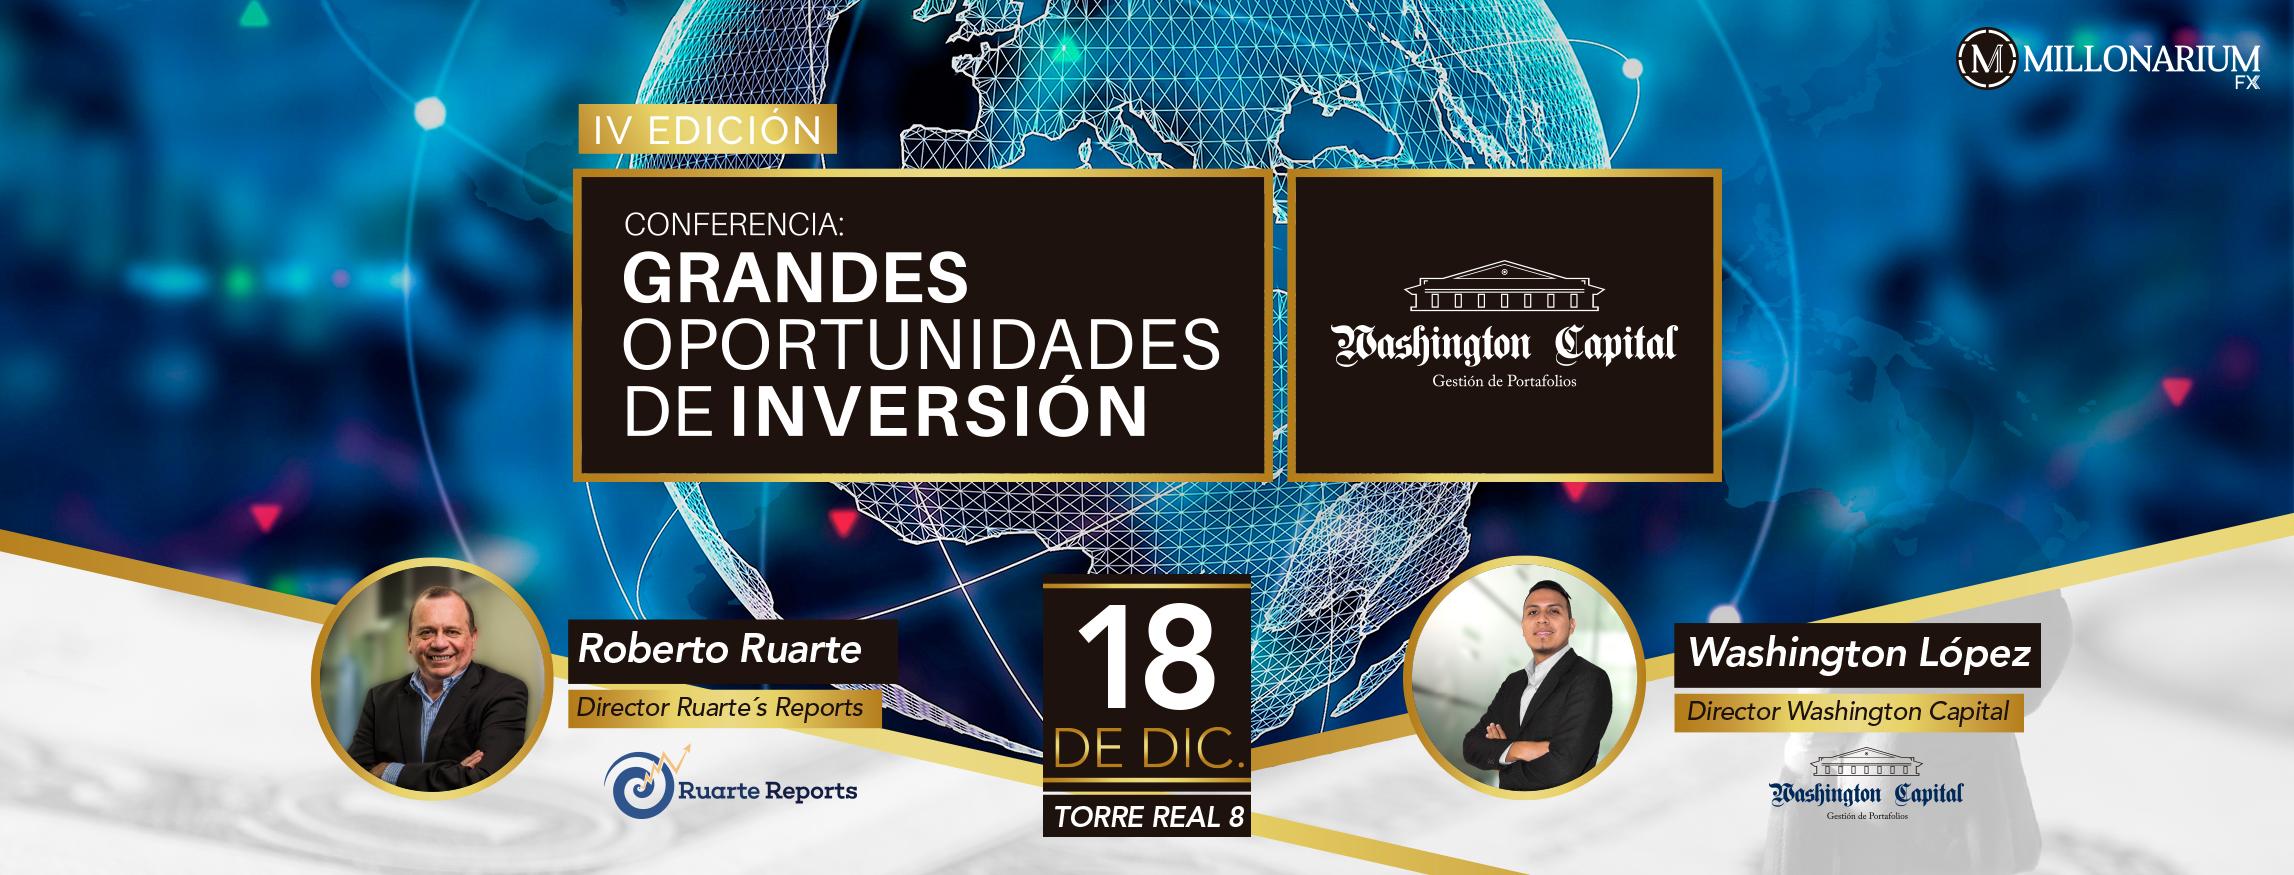 GRANDES OPORTUNIDADES DE INVERSIÓN – 4TA EDICIÓN